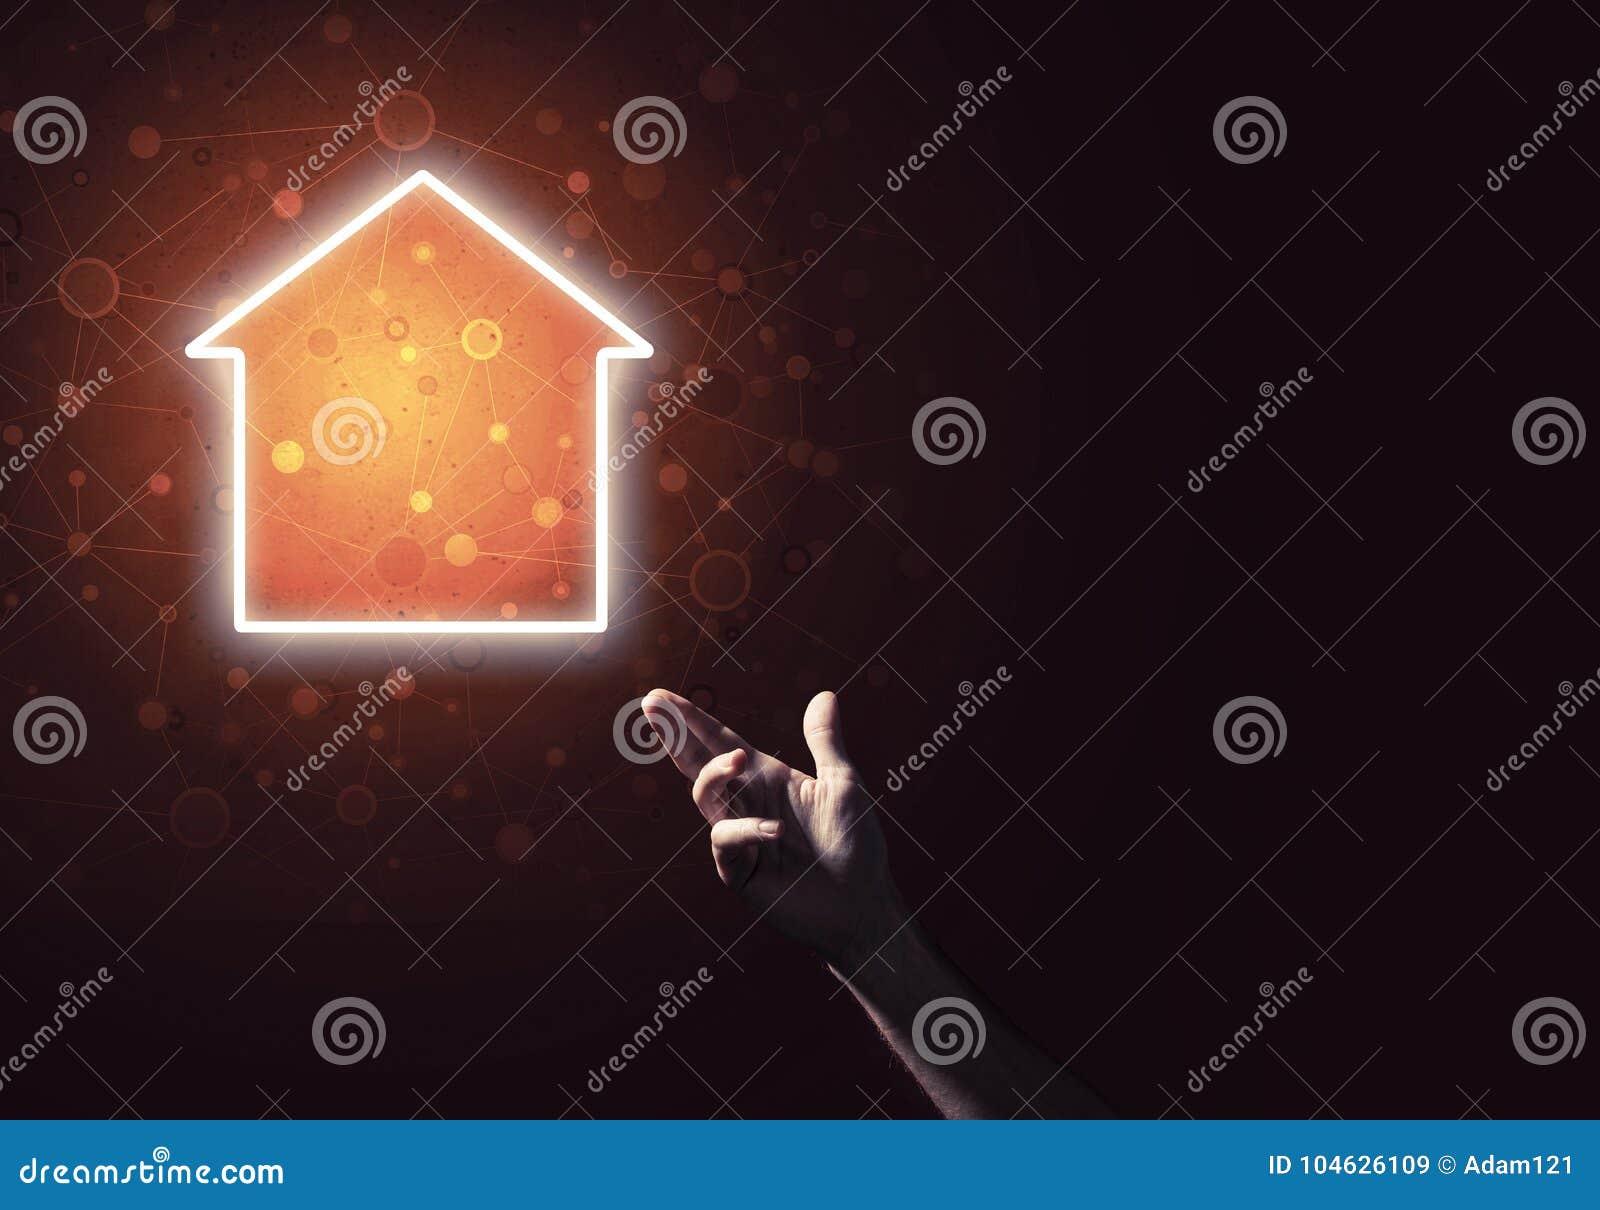 Download Conceptueel Beeld Die Met Hand Op Huis Of Hoofdpaginapictogram O Richten Stock Afbeelding - Afbeelding bestaande uit digitaal, flats: 104626109